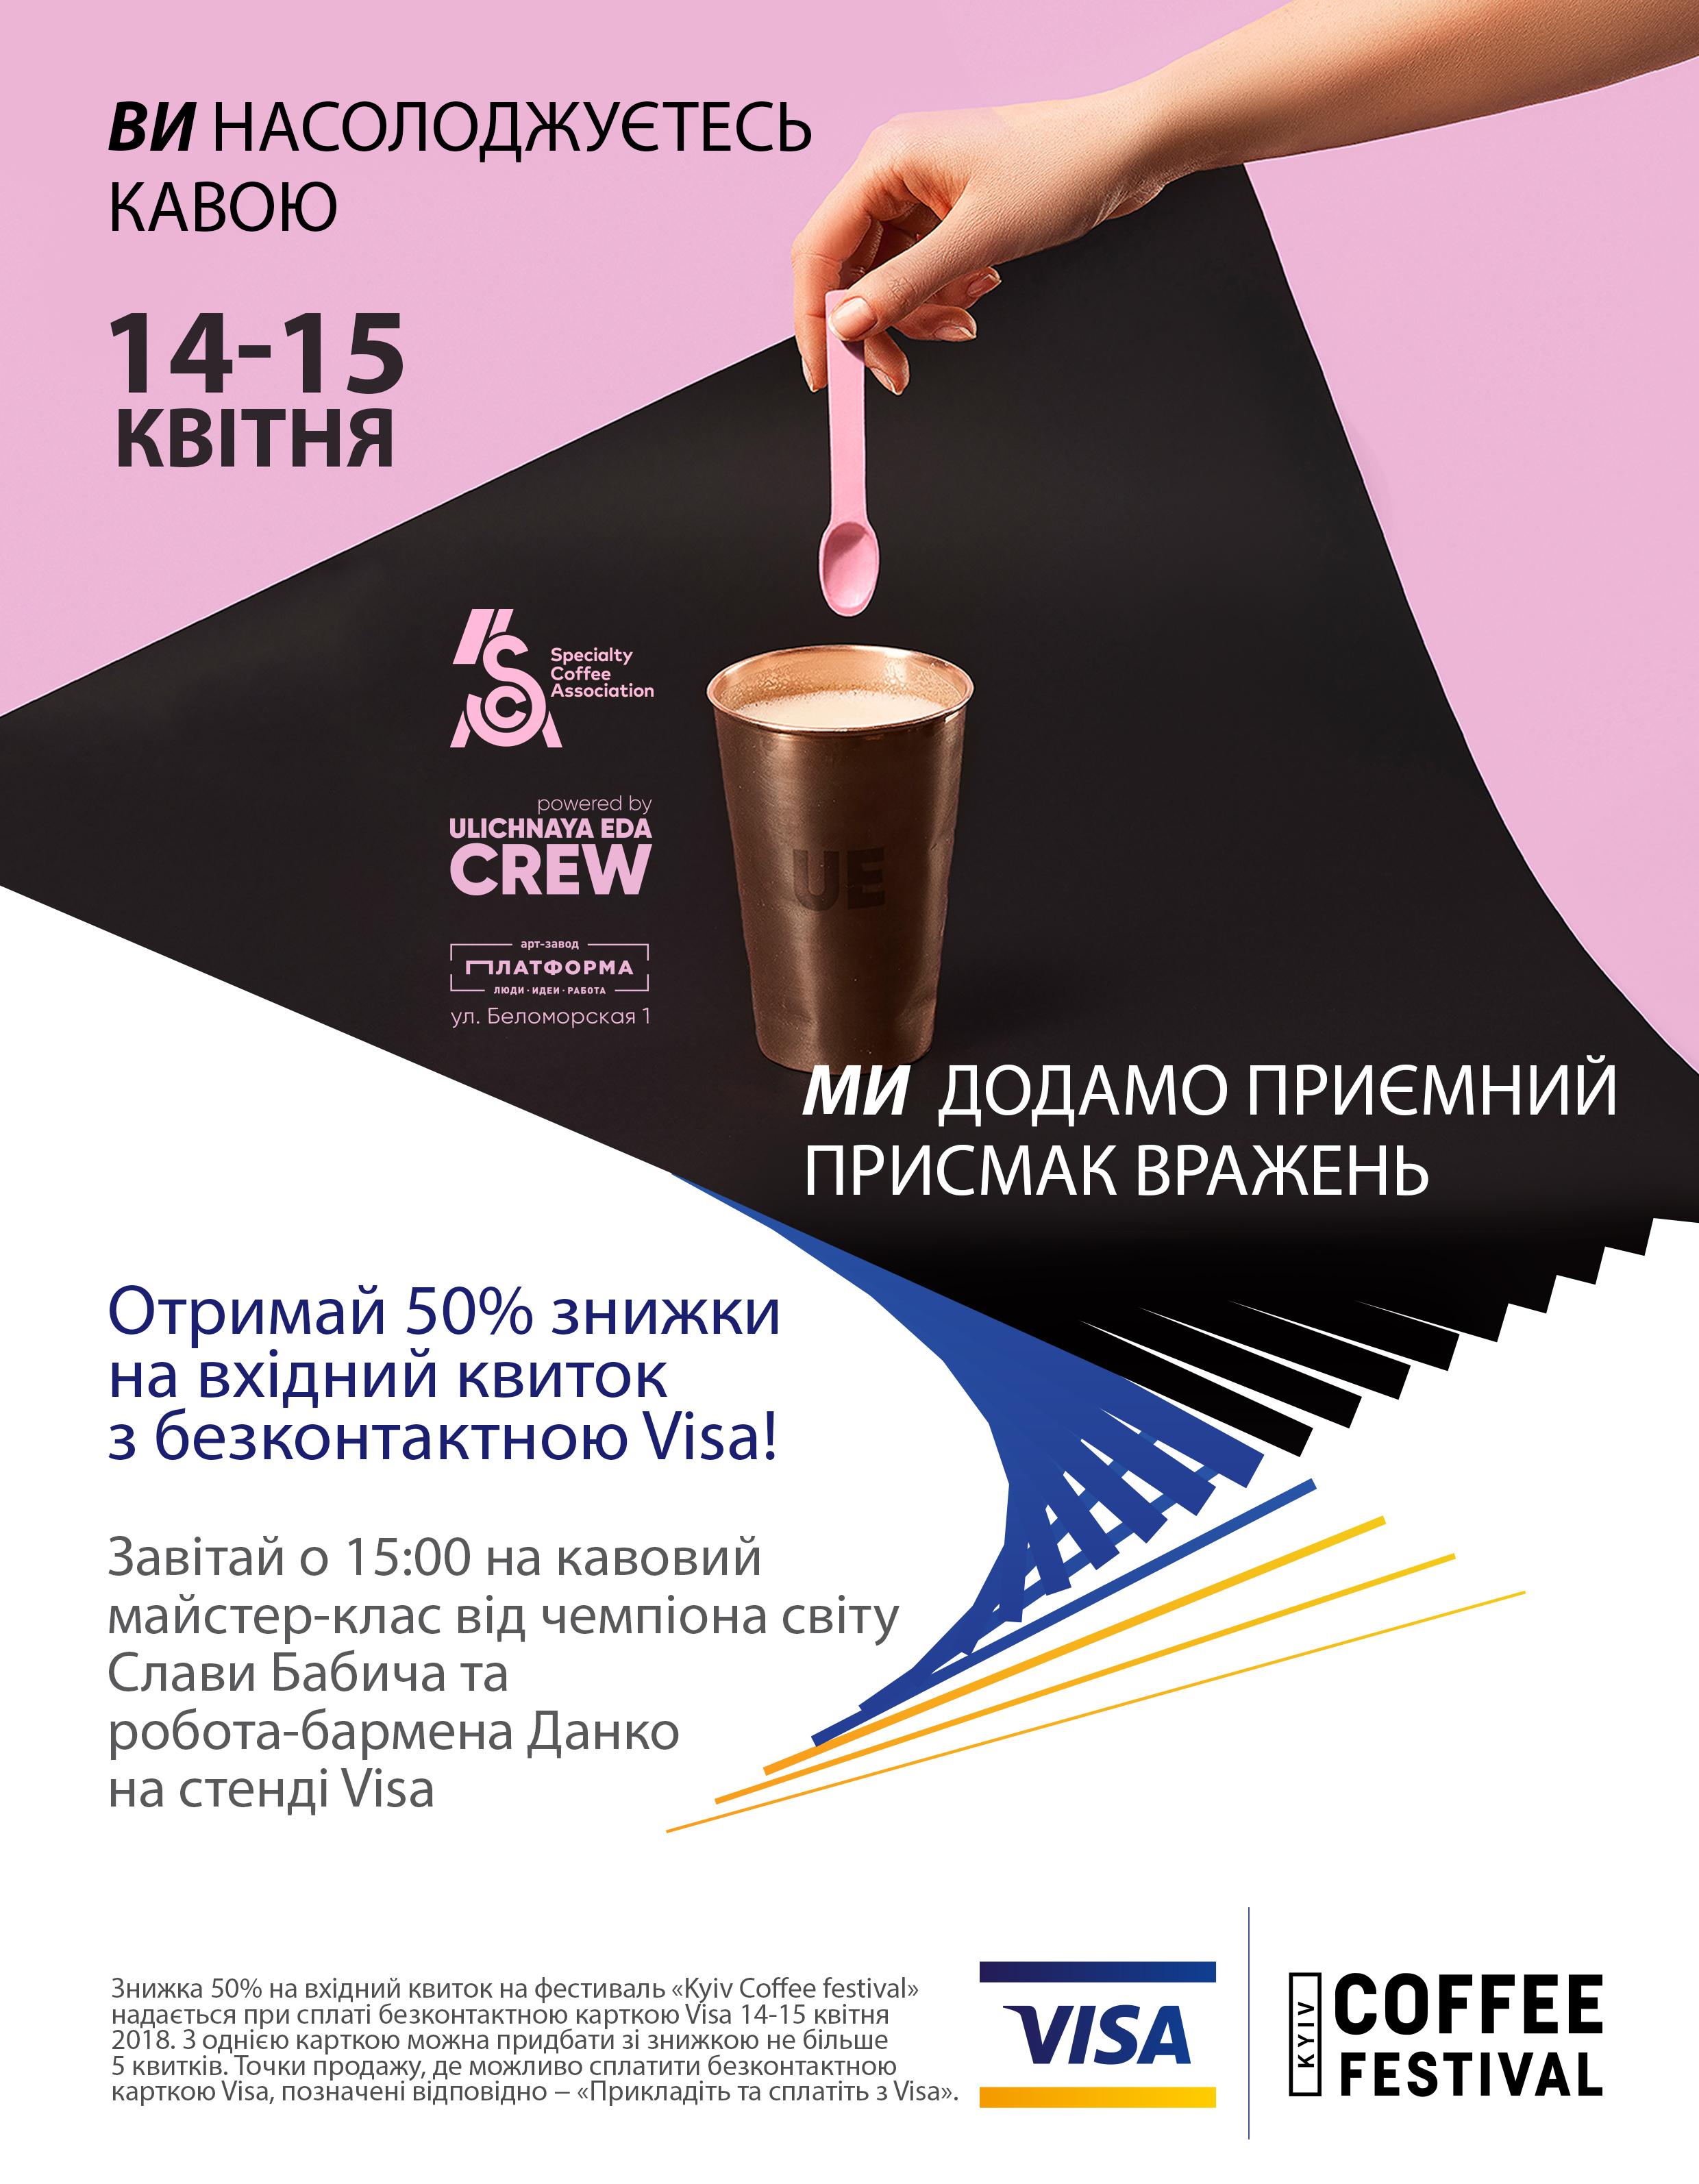 В Киеве стартовал фестиваль ulichanya eda В Киеве стартовал фестиваль Ulichanya Eda VISA  Coffee new